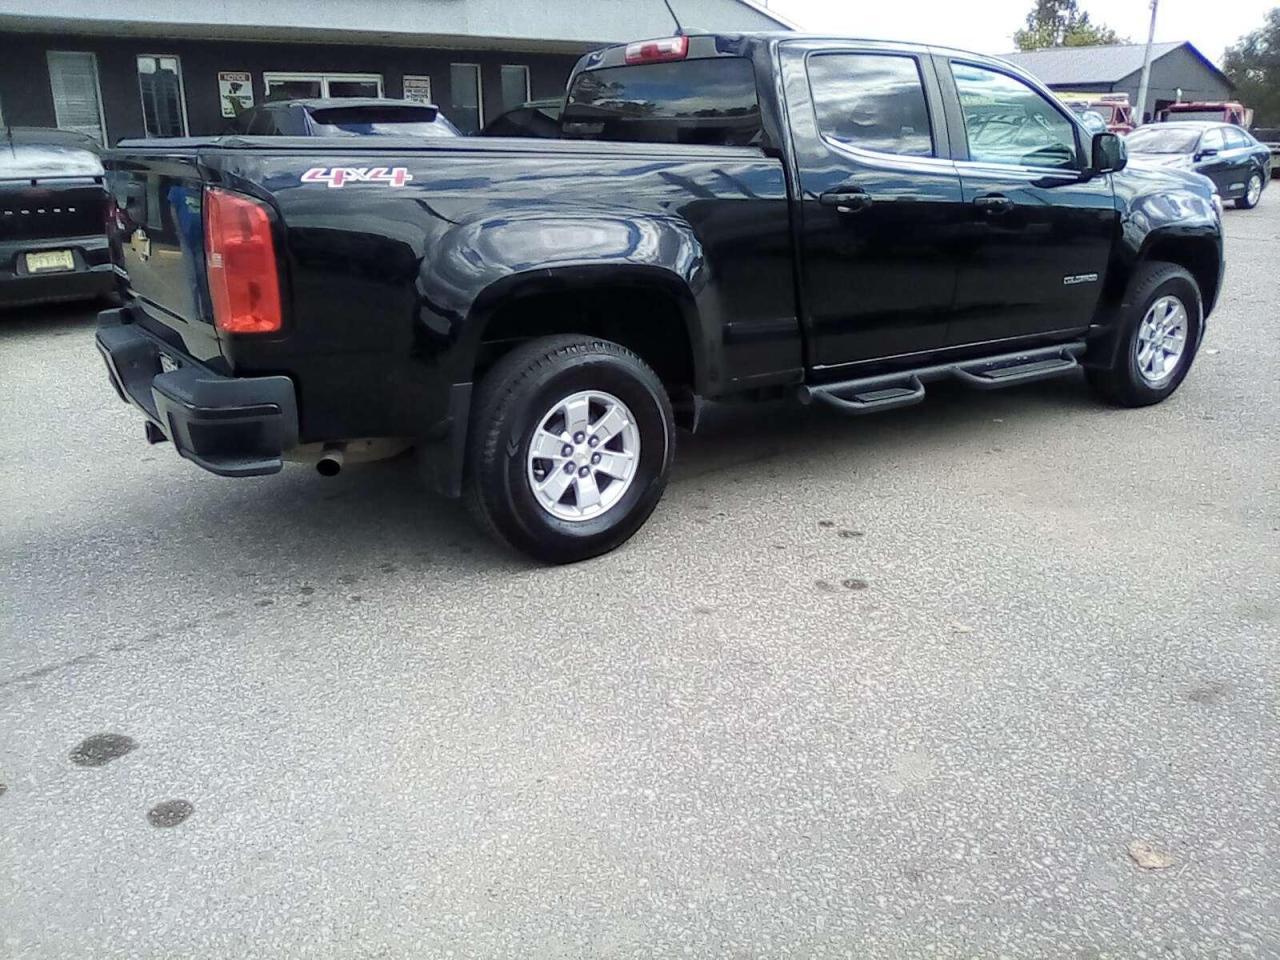 2017 Chevrolet Colorado Crew Cab 4WD Long Box